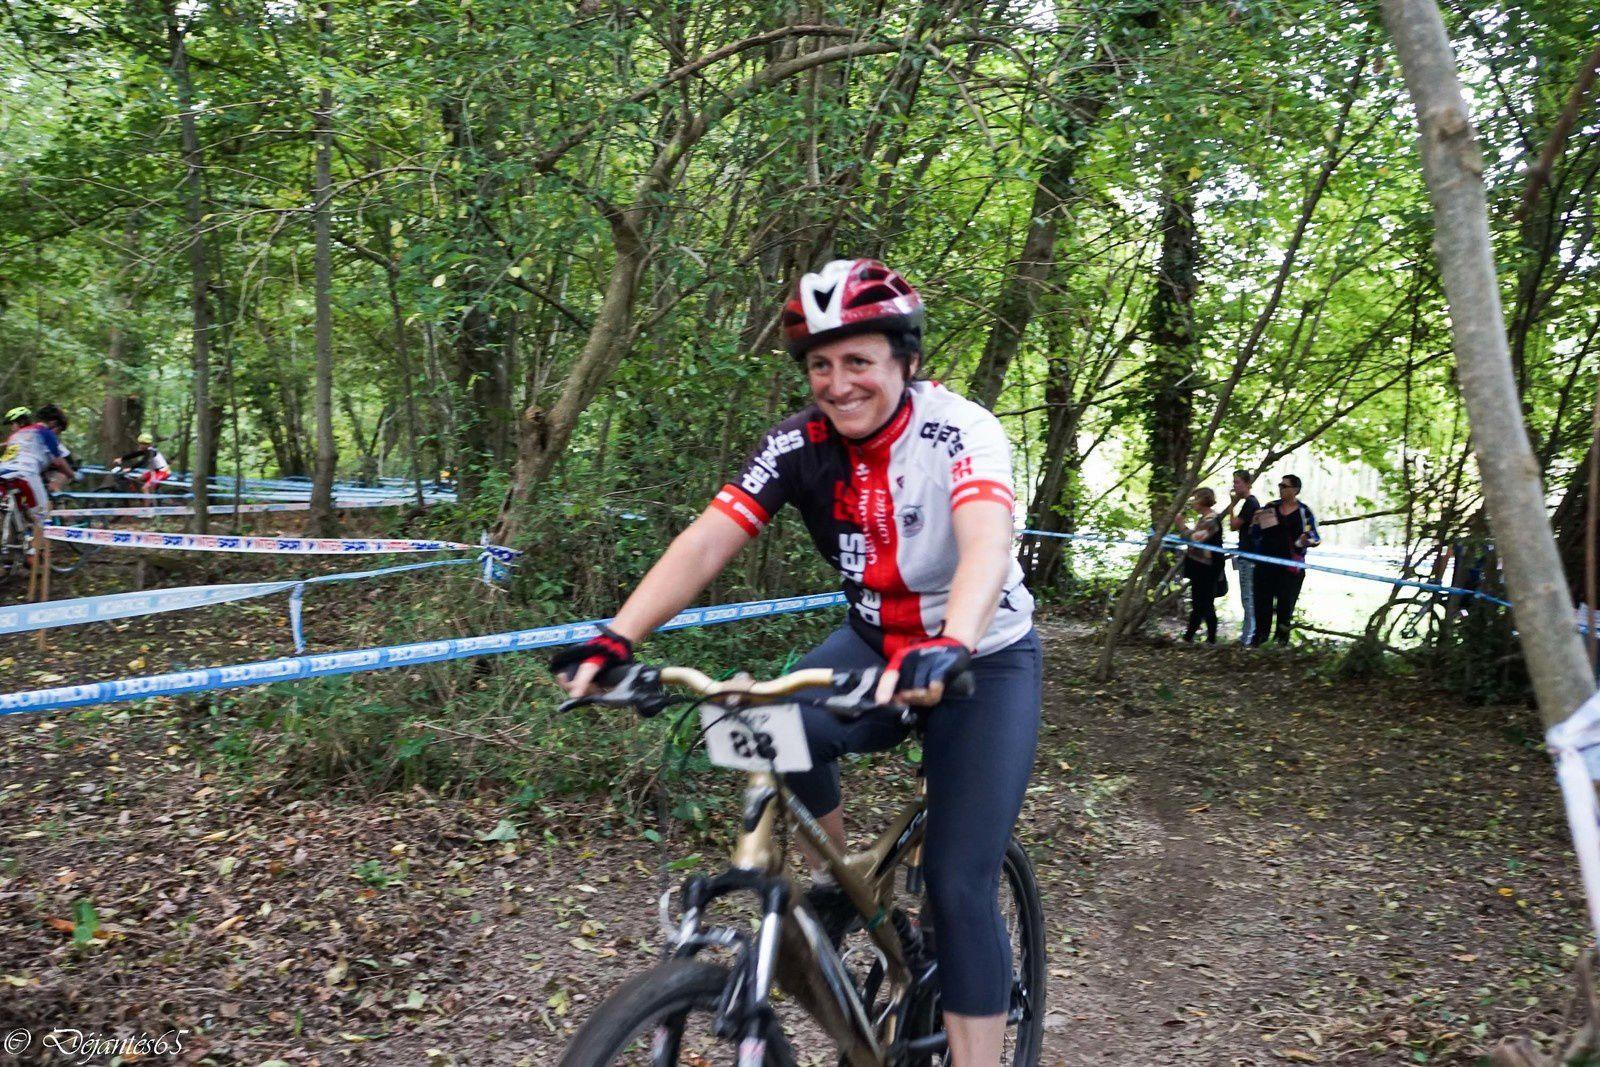 Charlotte grollimund pour son premier cyclo cross , super!!!!!!!!!!